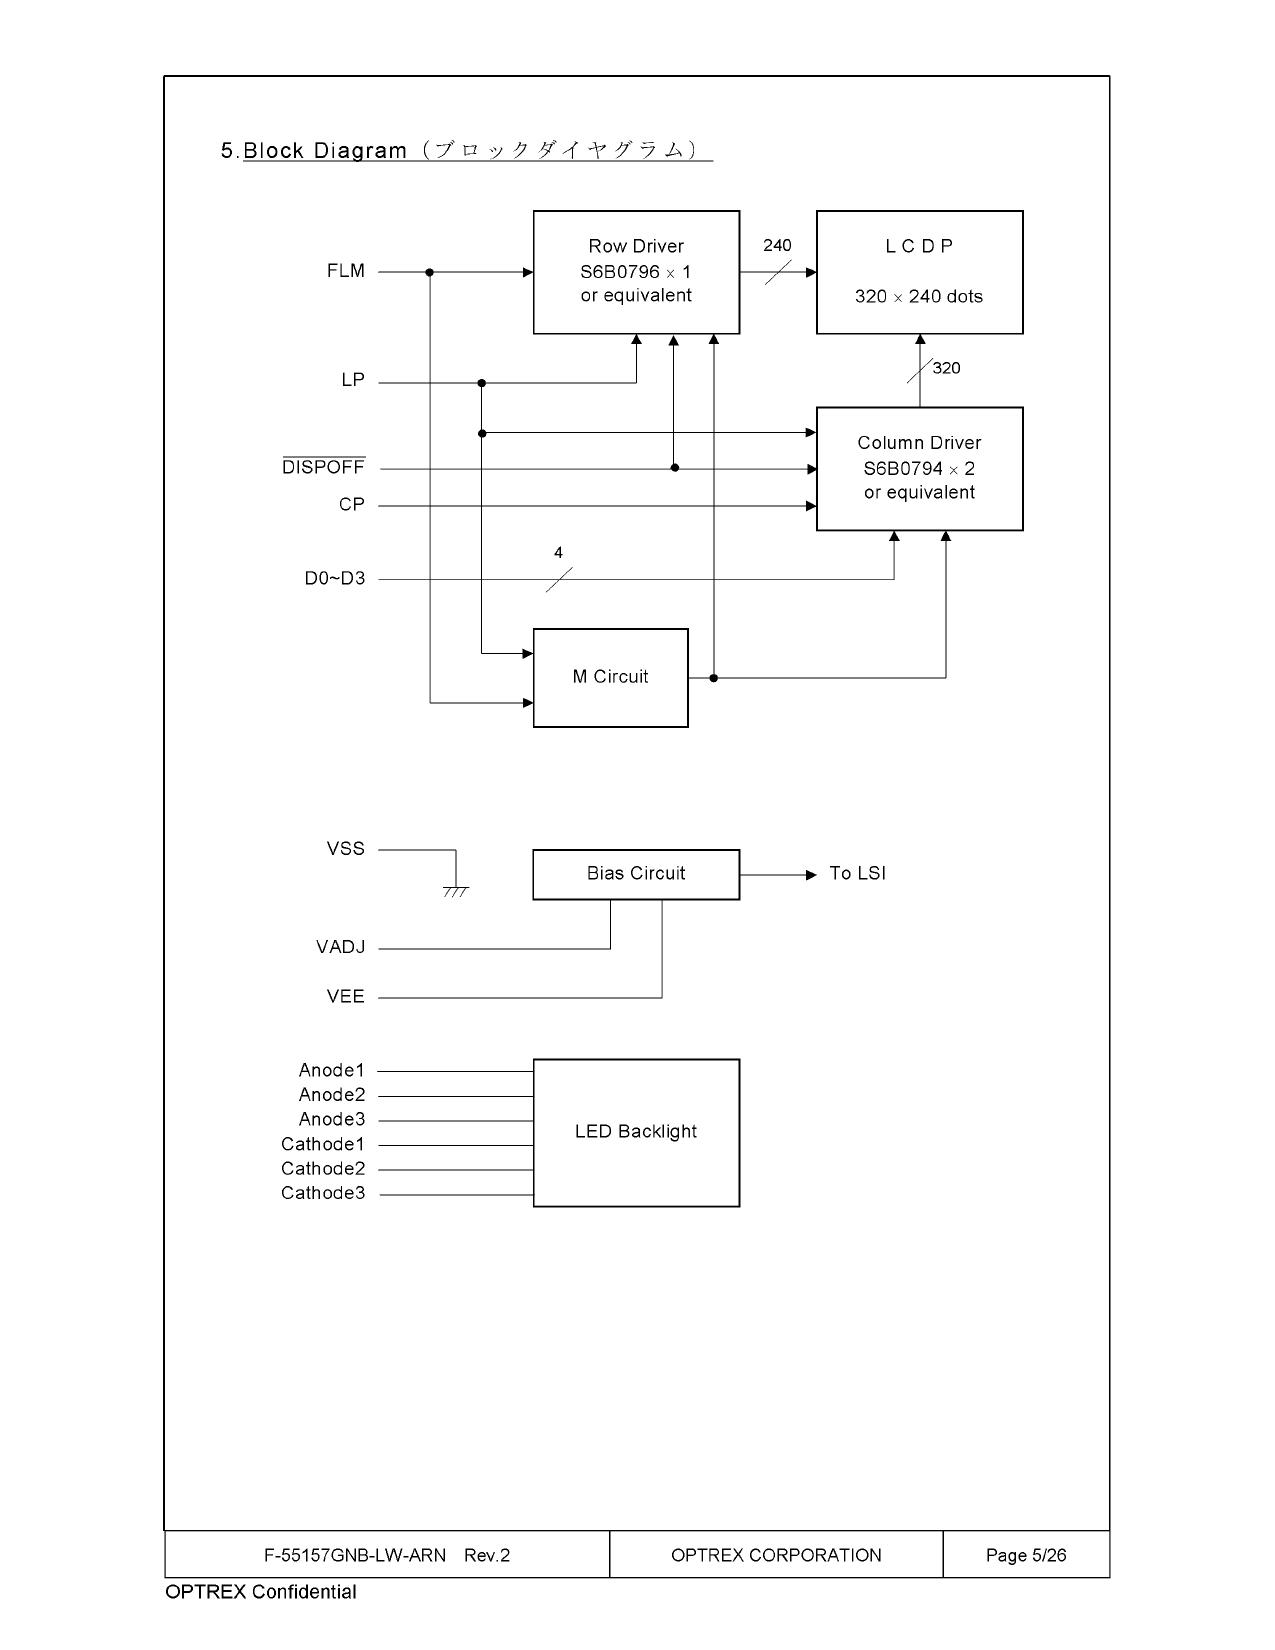 F-55157GNB-LW-ARN pdf